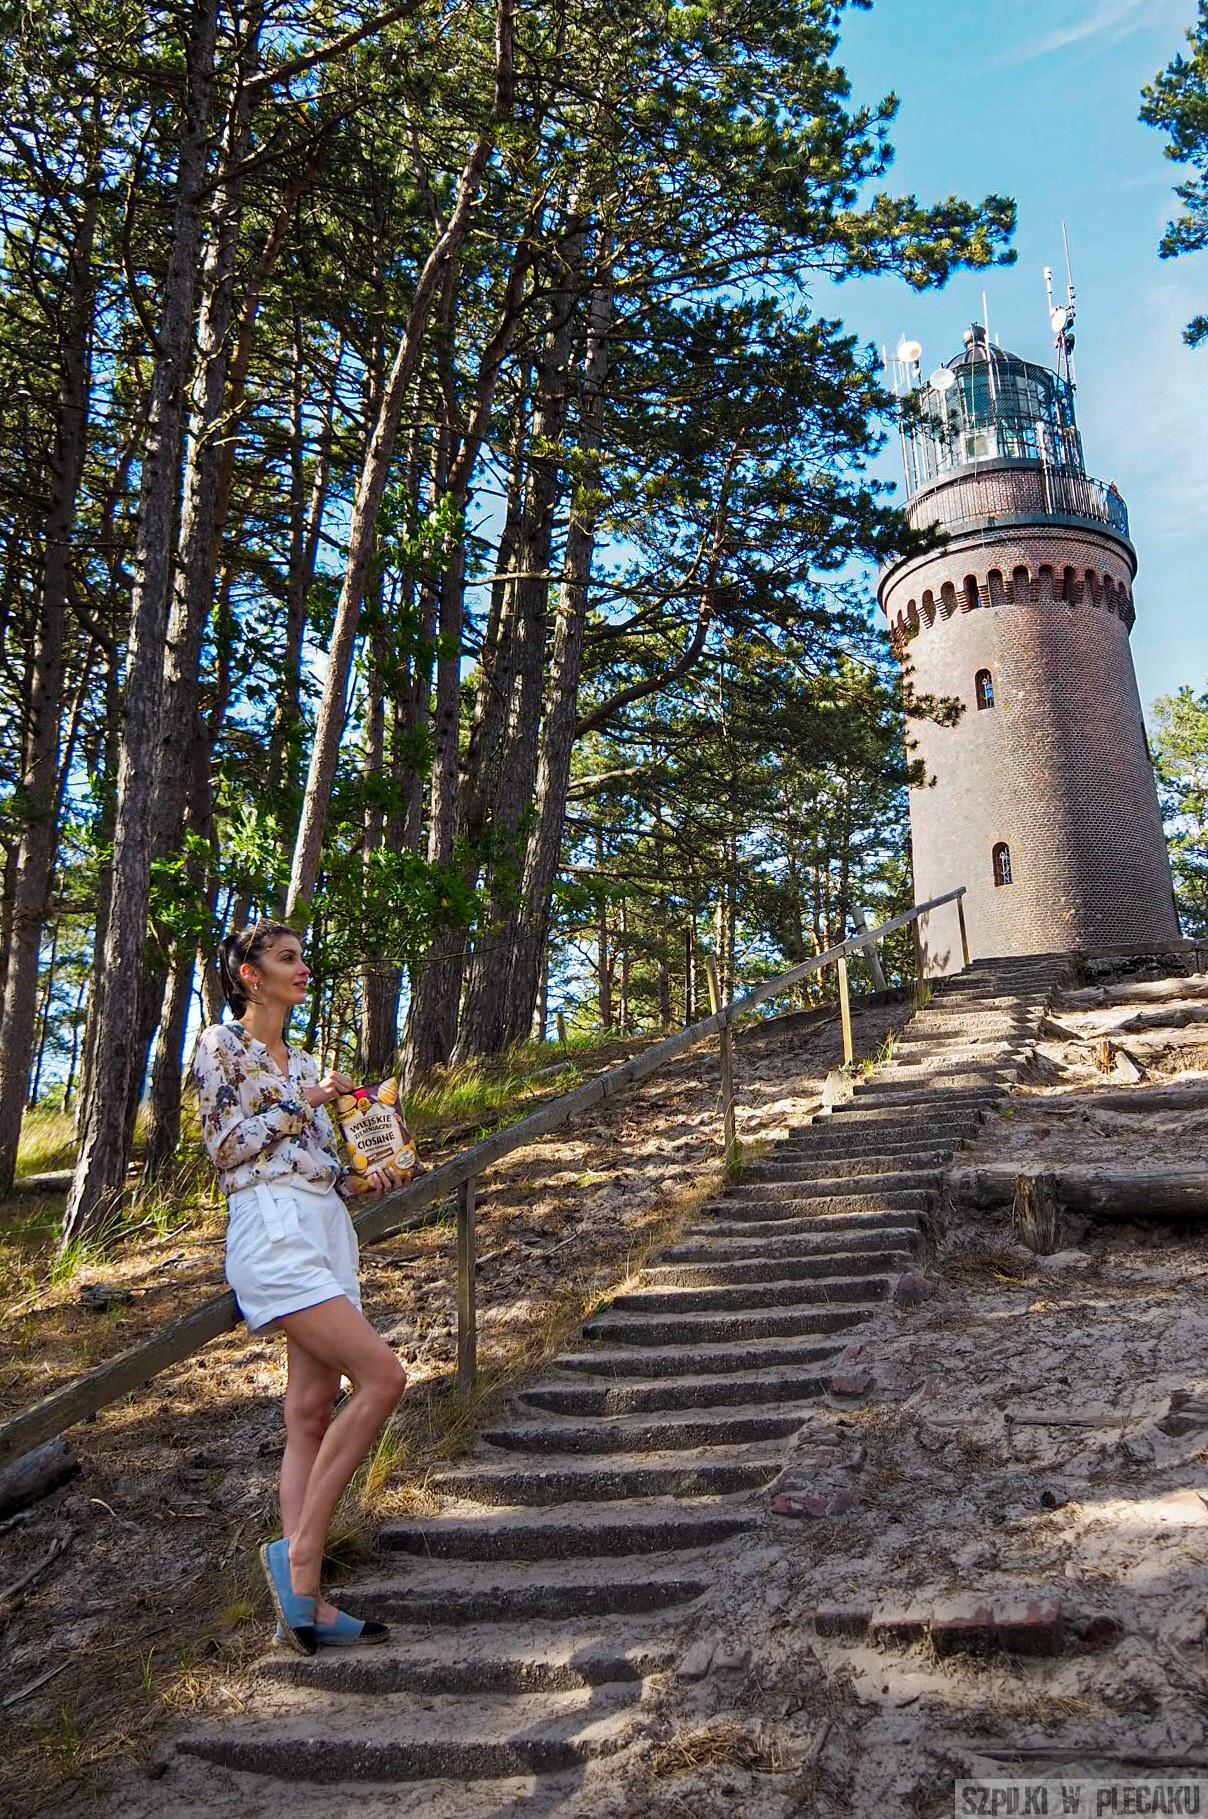 latarnia Morska w Czołpinie - Słowiński Park Narodowy